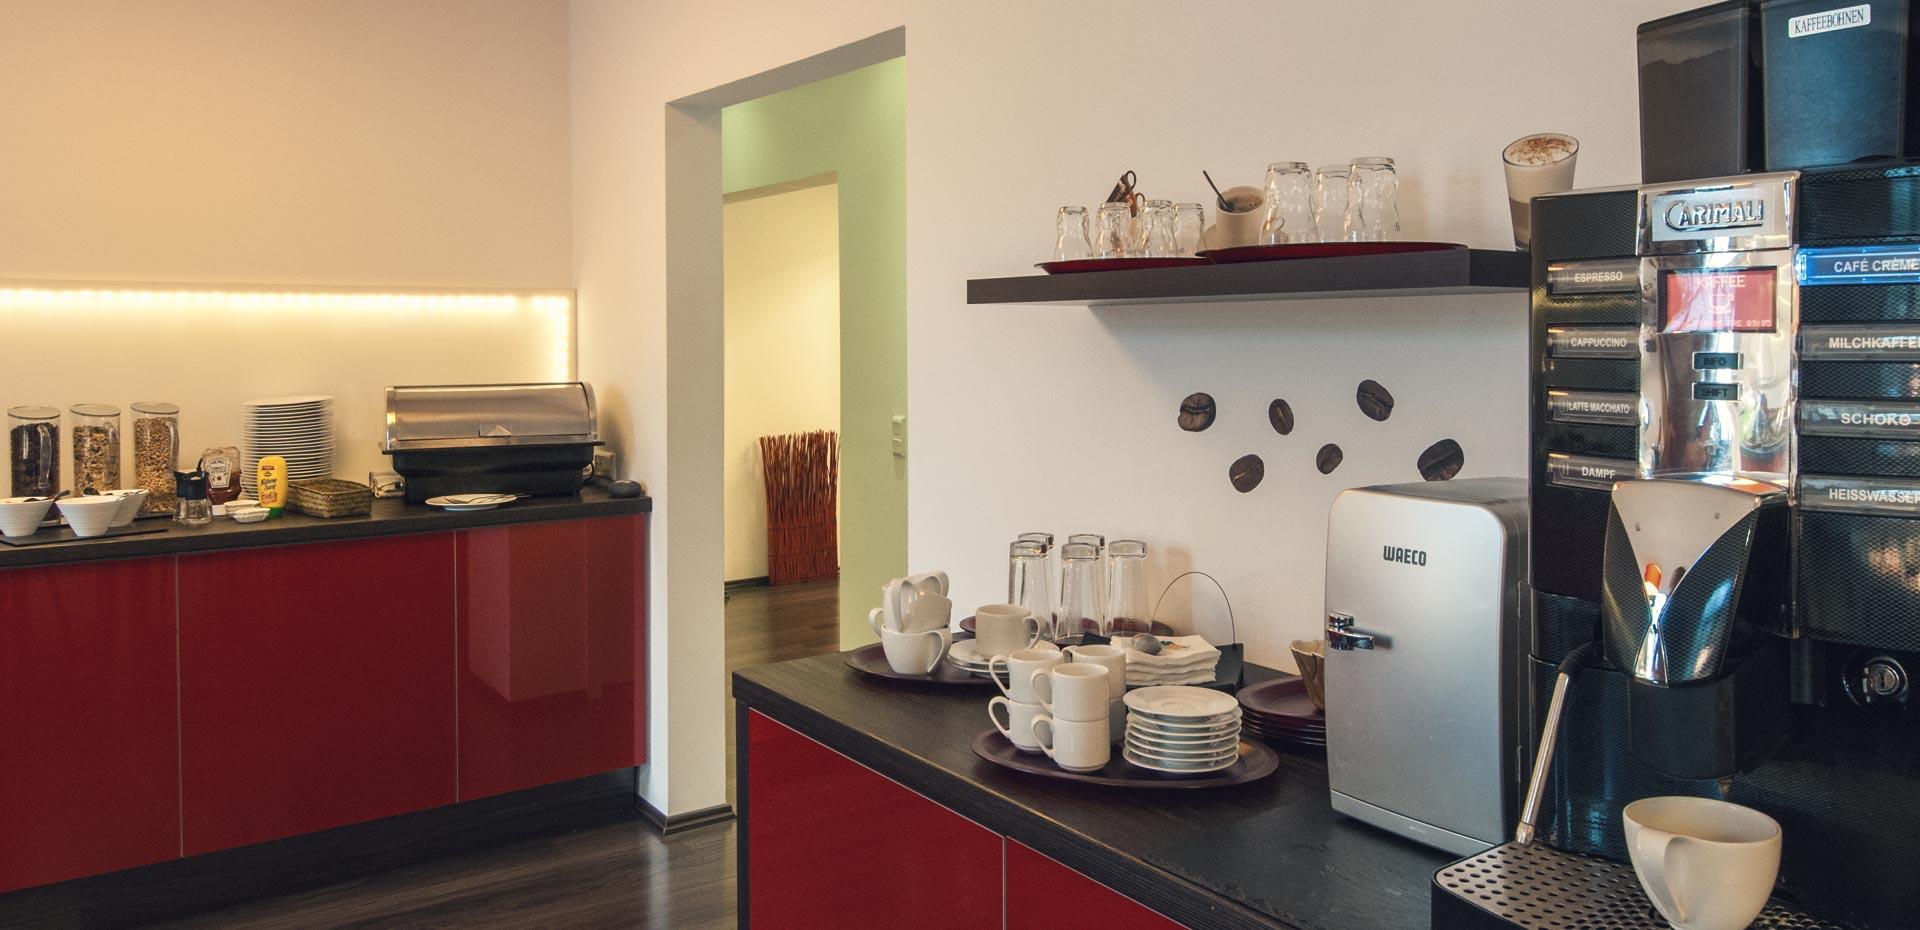 Kaffee und Tee zum Frühstück im Hotel Frechener Hof